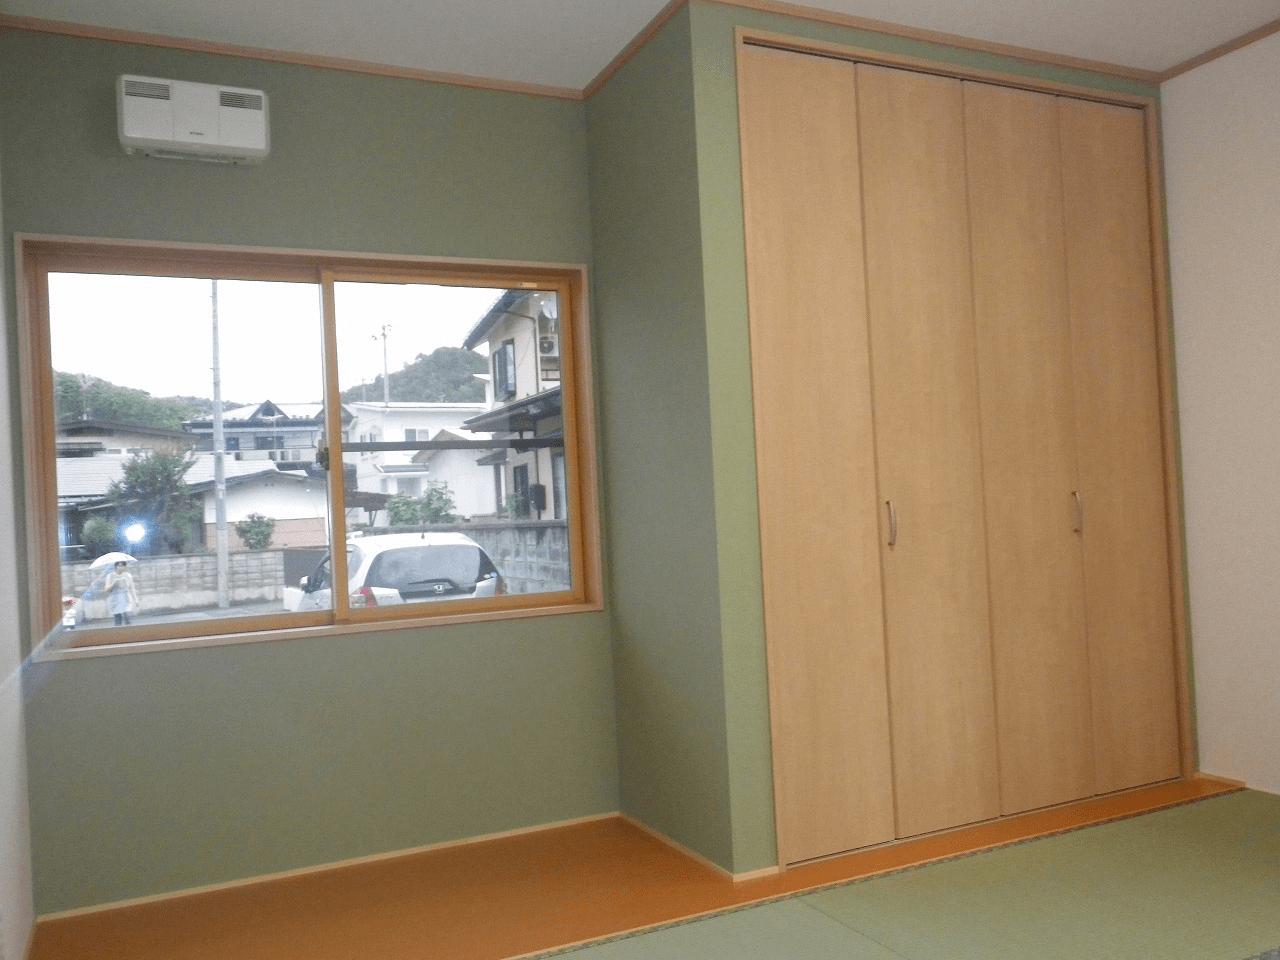 山形市沼の辺 House-S 平屋の住まい 内装